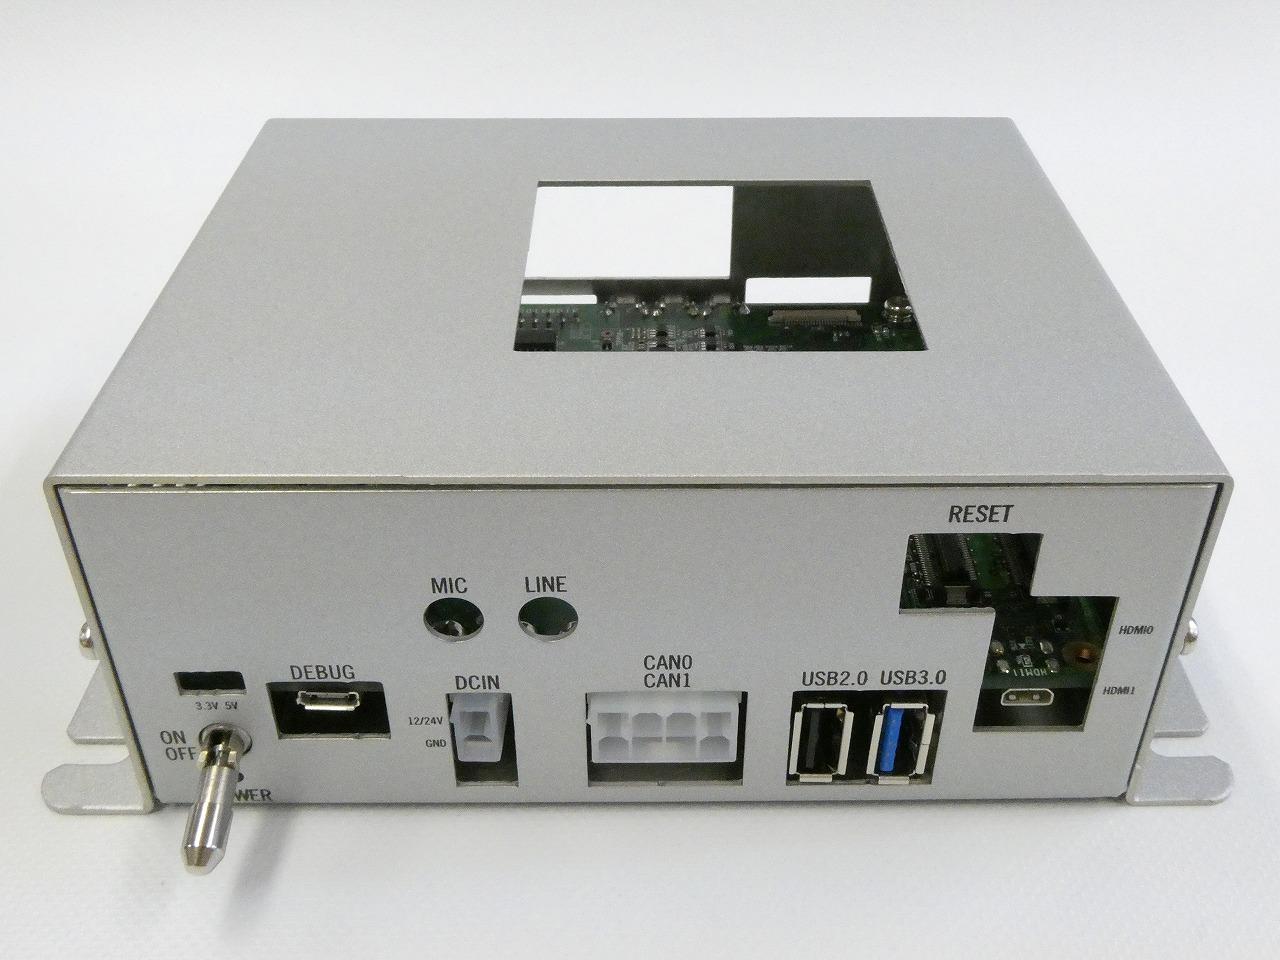 SBEV-RCAR-CCPF-SK (Connected car platform evaluation board)